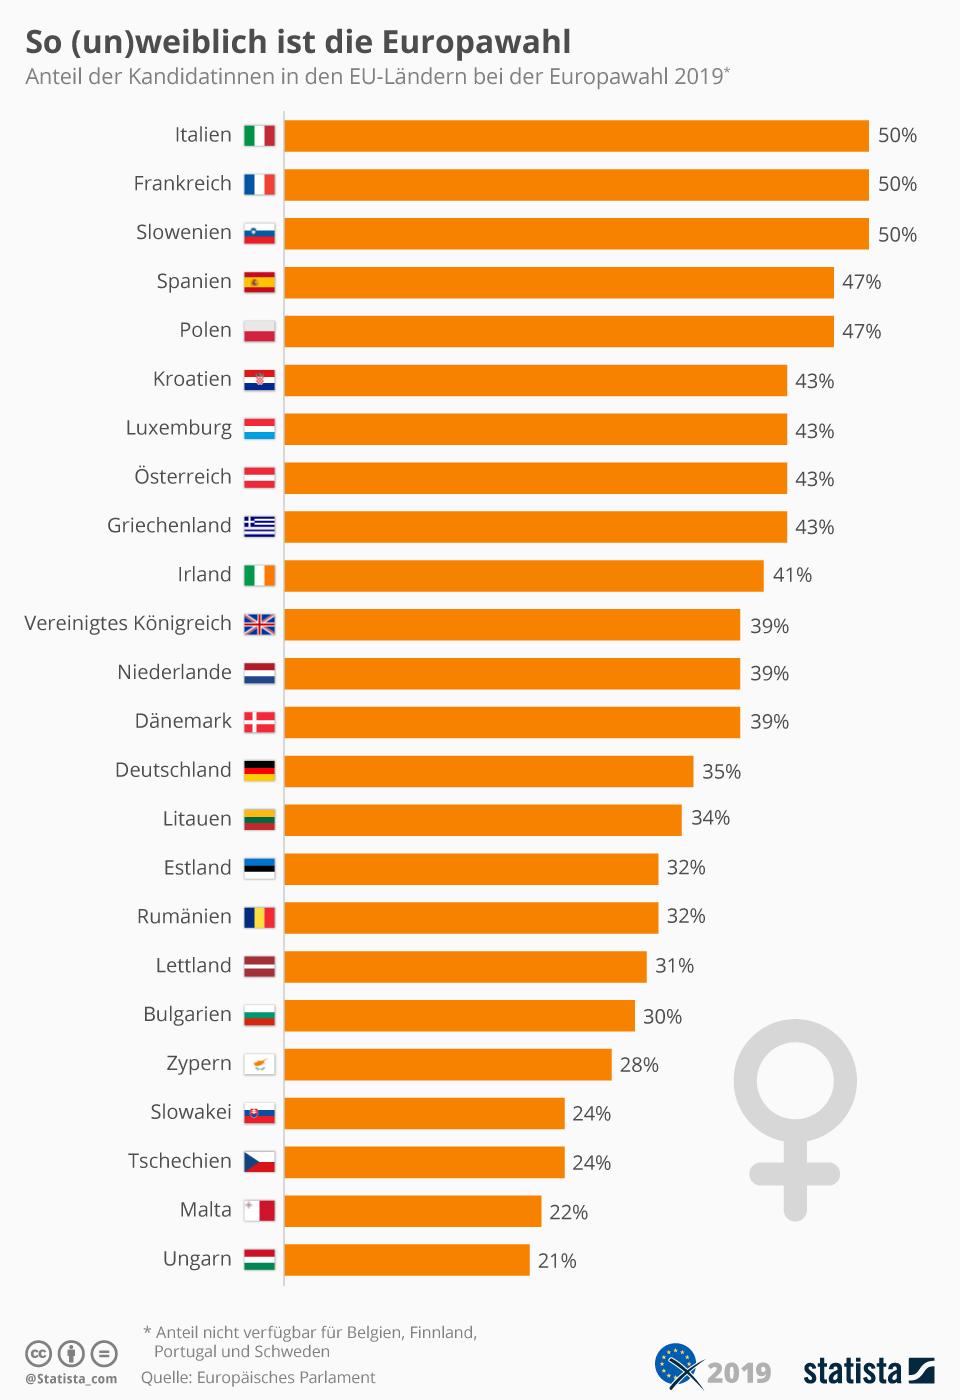 Infografik: So (un)weiblich ist die Europawahl | Statista